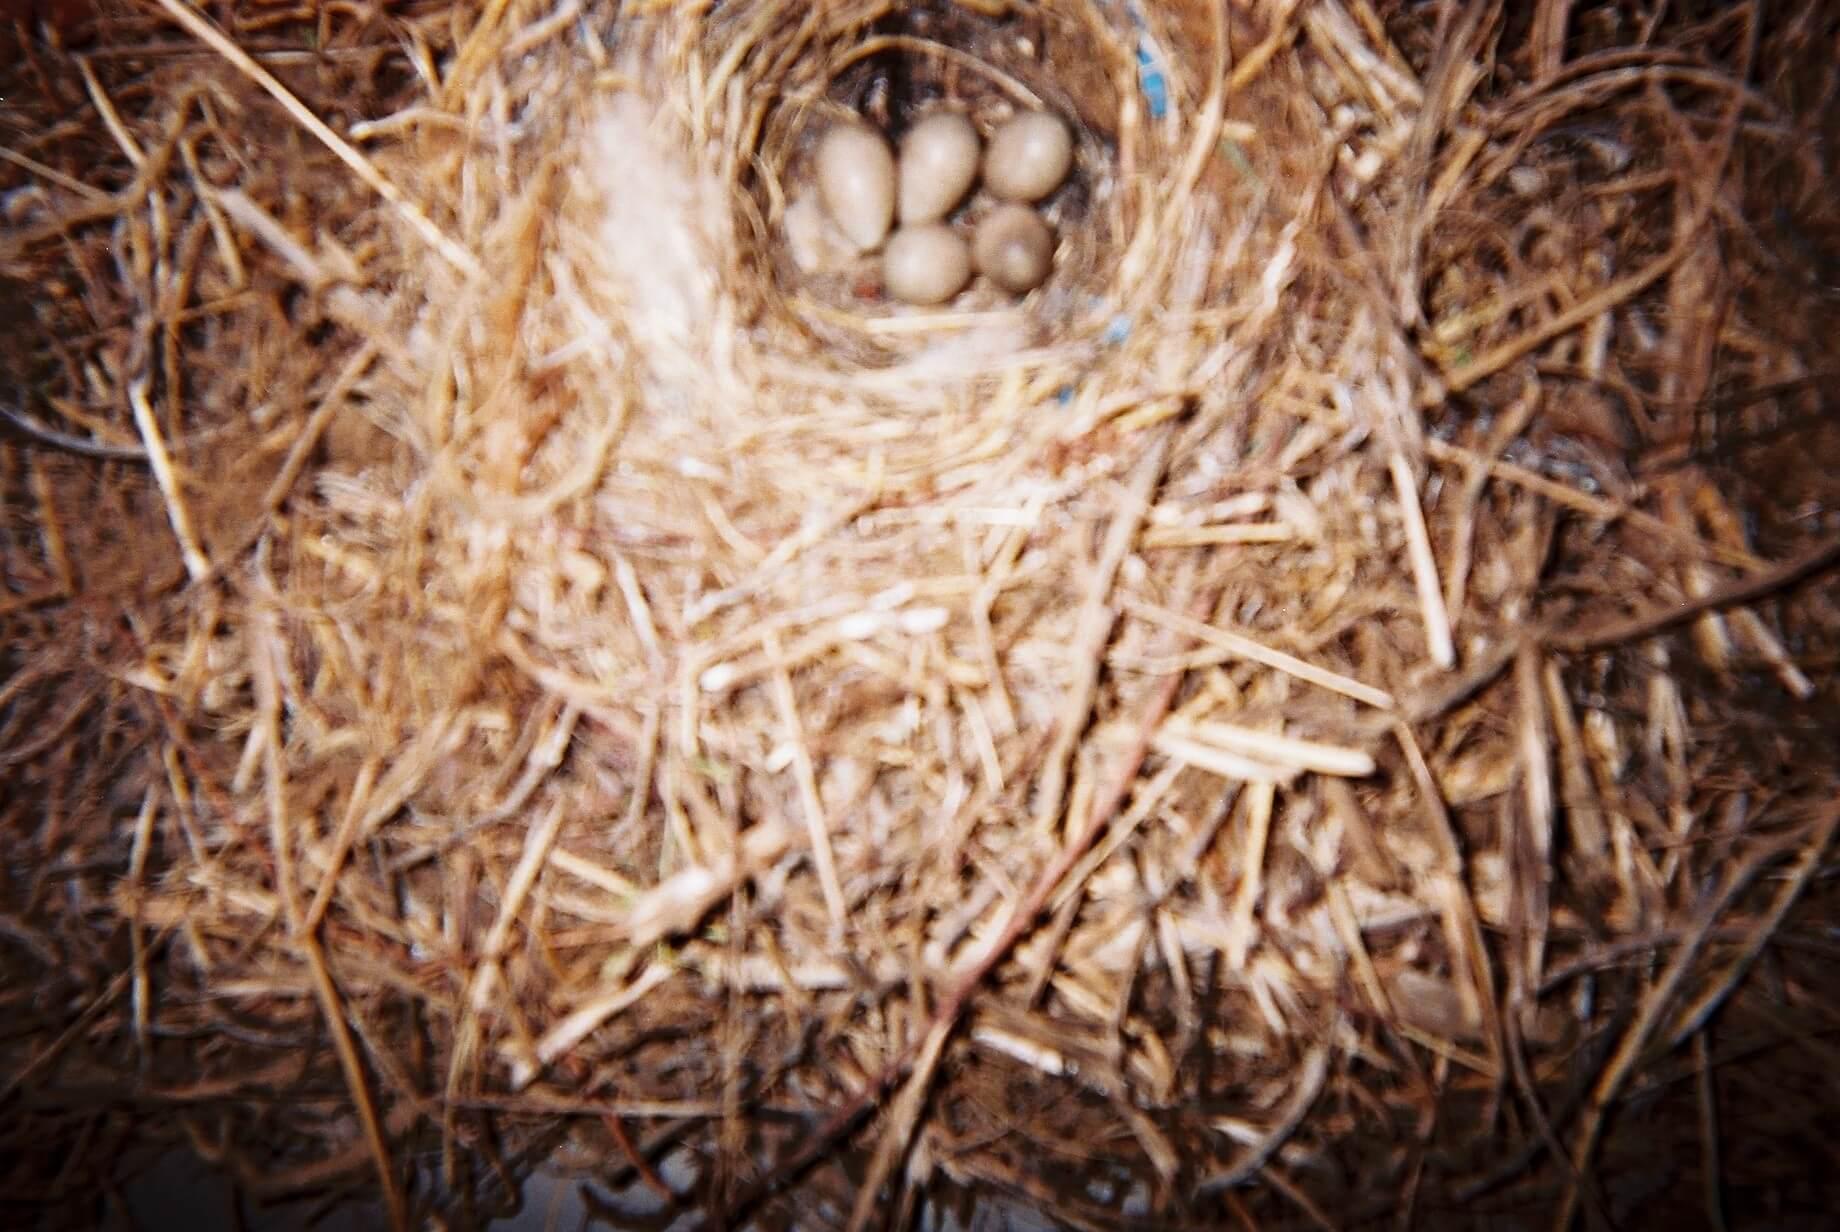 ハクセキレイの卵